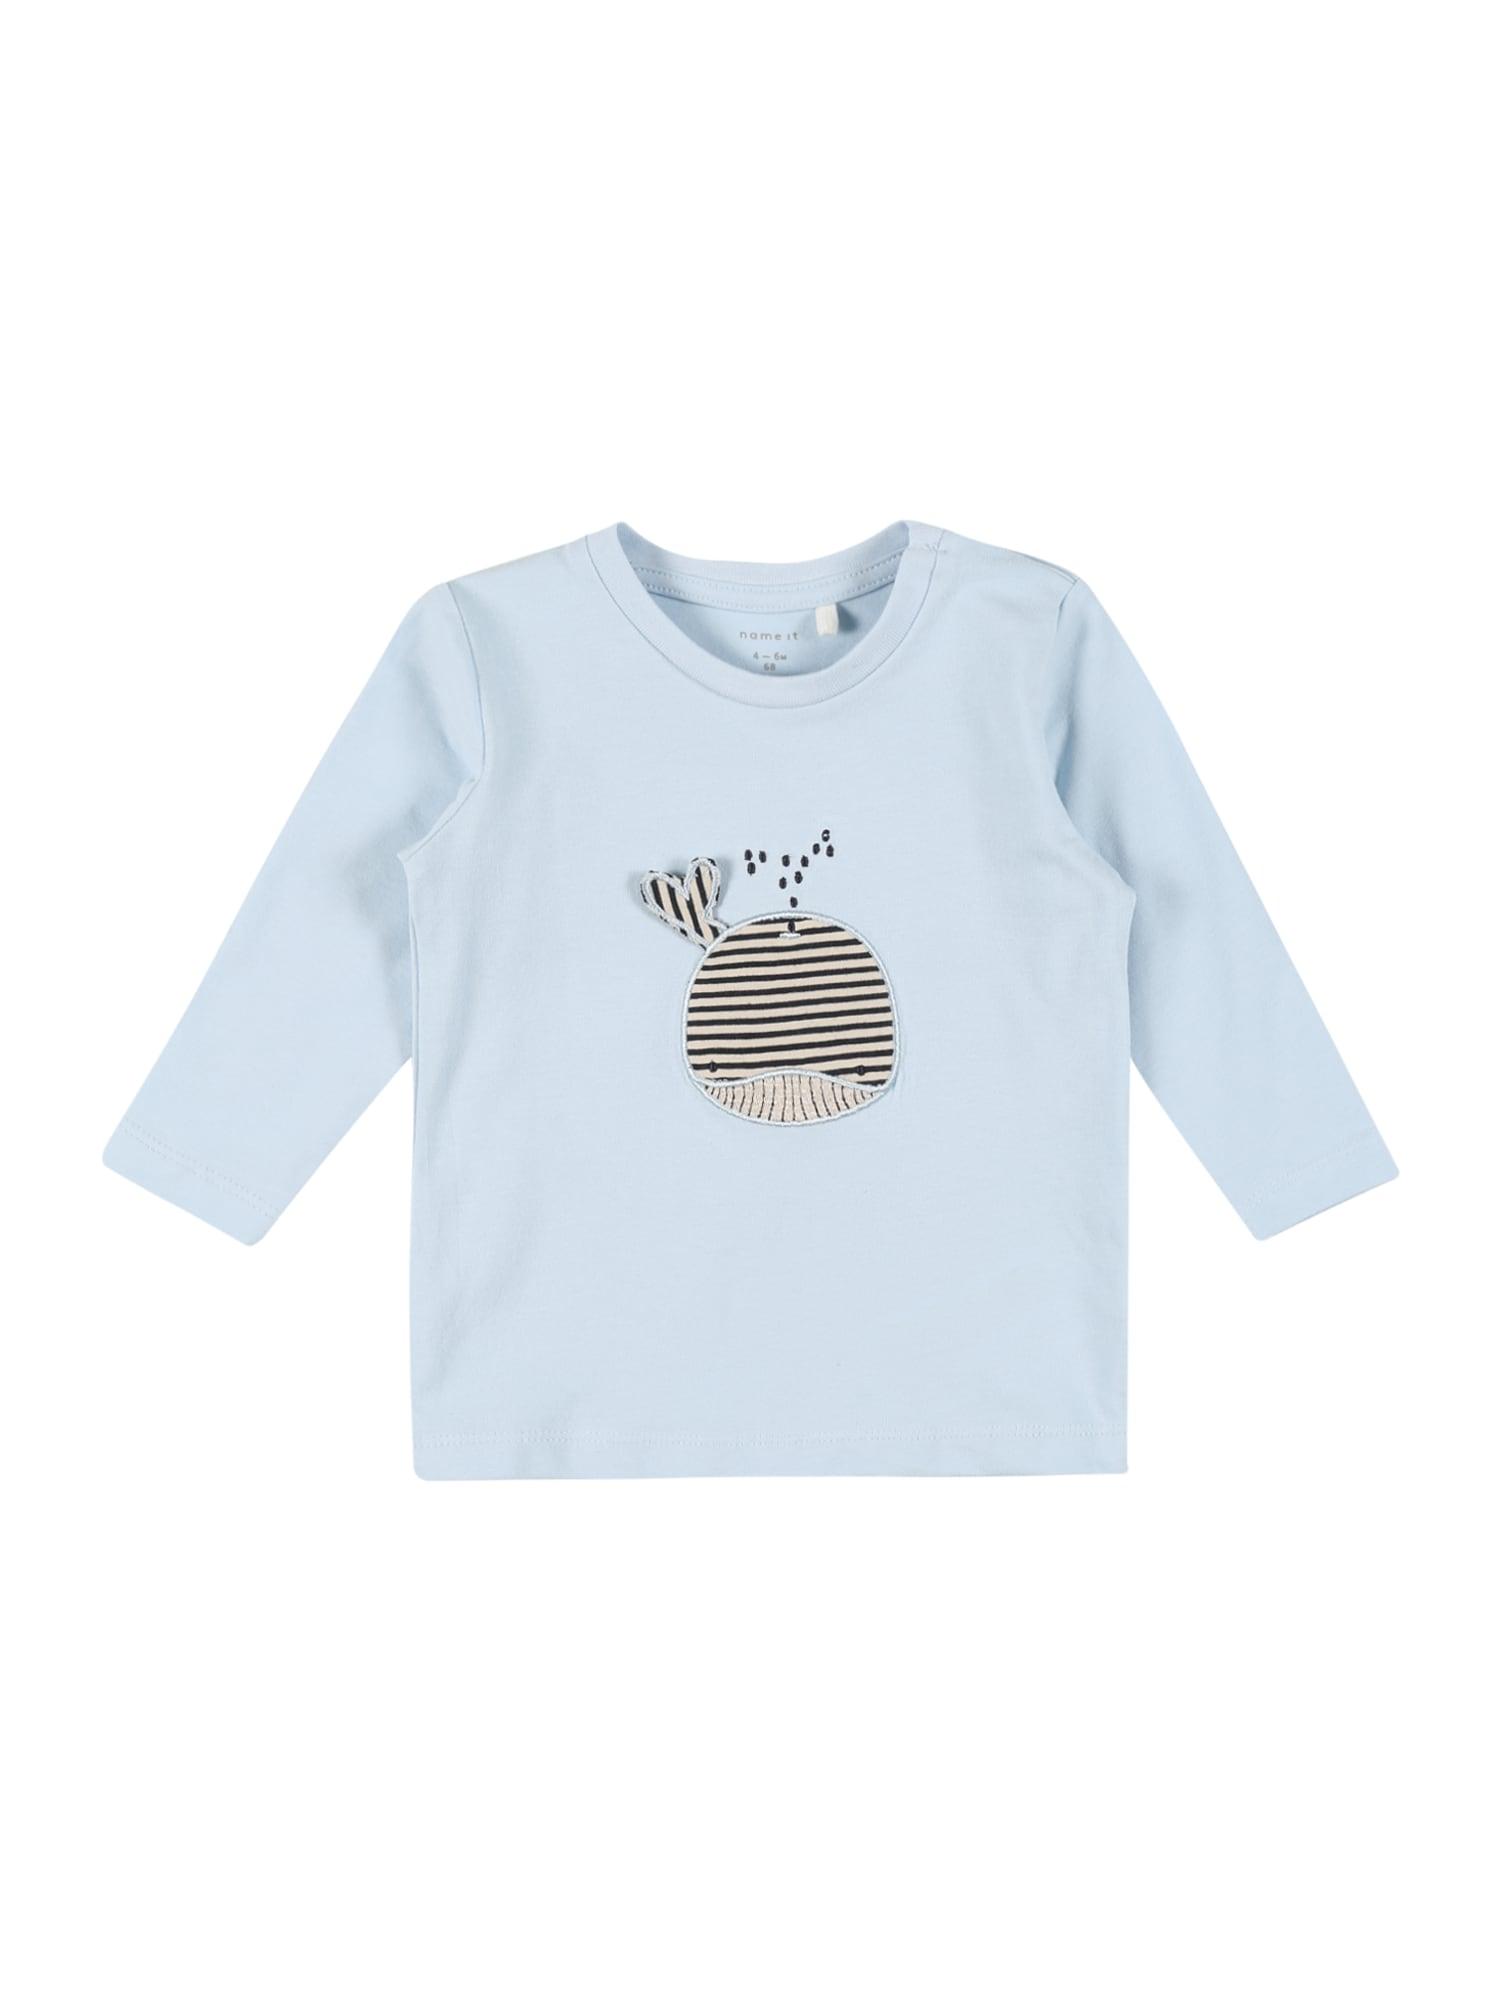 NAME IT Marškinėliai 'FIPOL' šviesiai mėlyna / ultramarino mėlyna (skaidri) / glaisto spalva